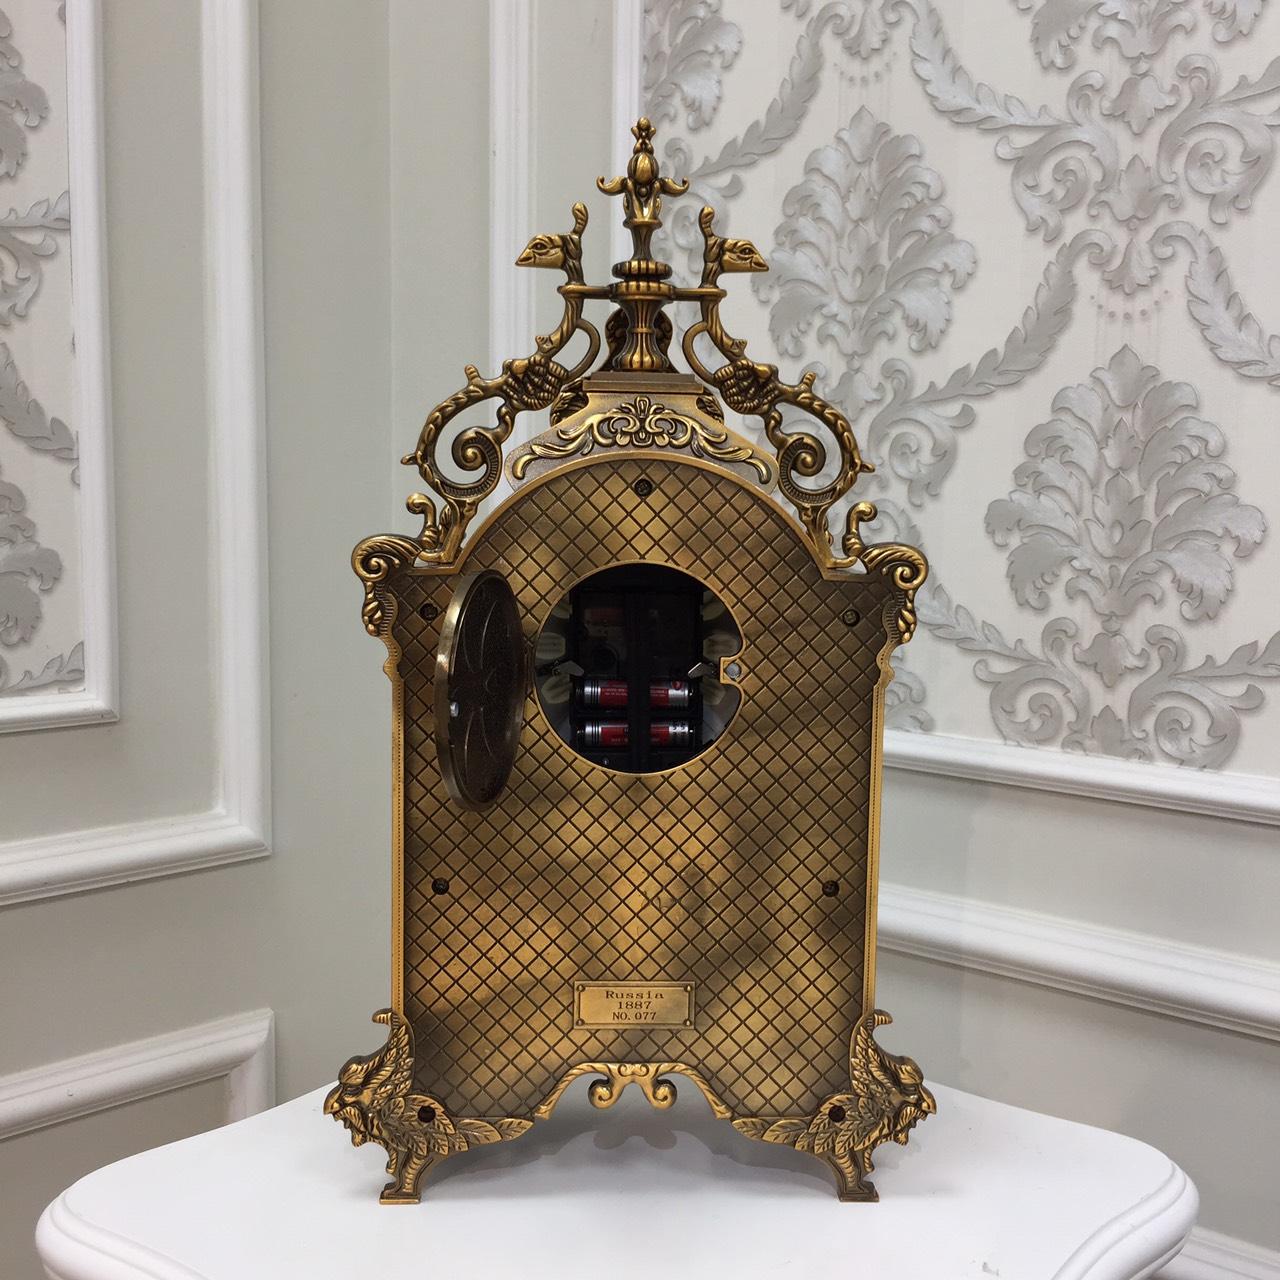 Đồng hồ quả lắc để bàn Chất Liệu đồng mặt kính cao cấp - Đồng hồ để bàn cổ điển đẹp sang trọng kích thước 26cm * 15cm* 45cm để kệ tủ trang trí phòng khách nhà ở.